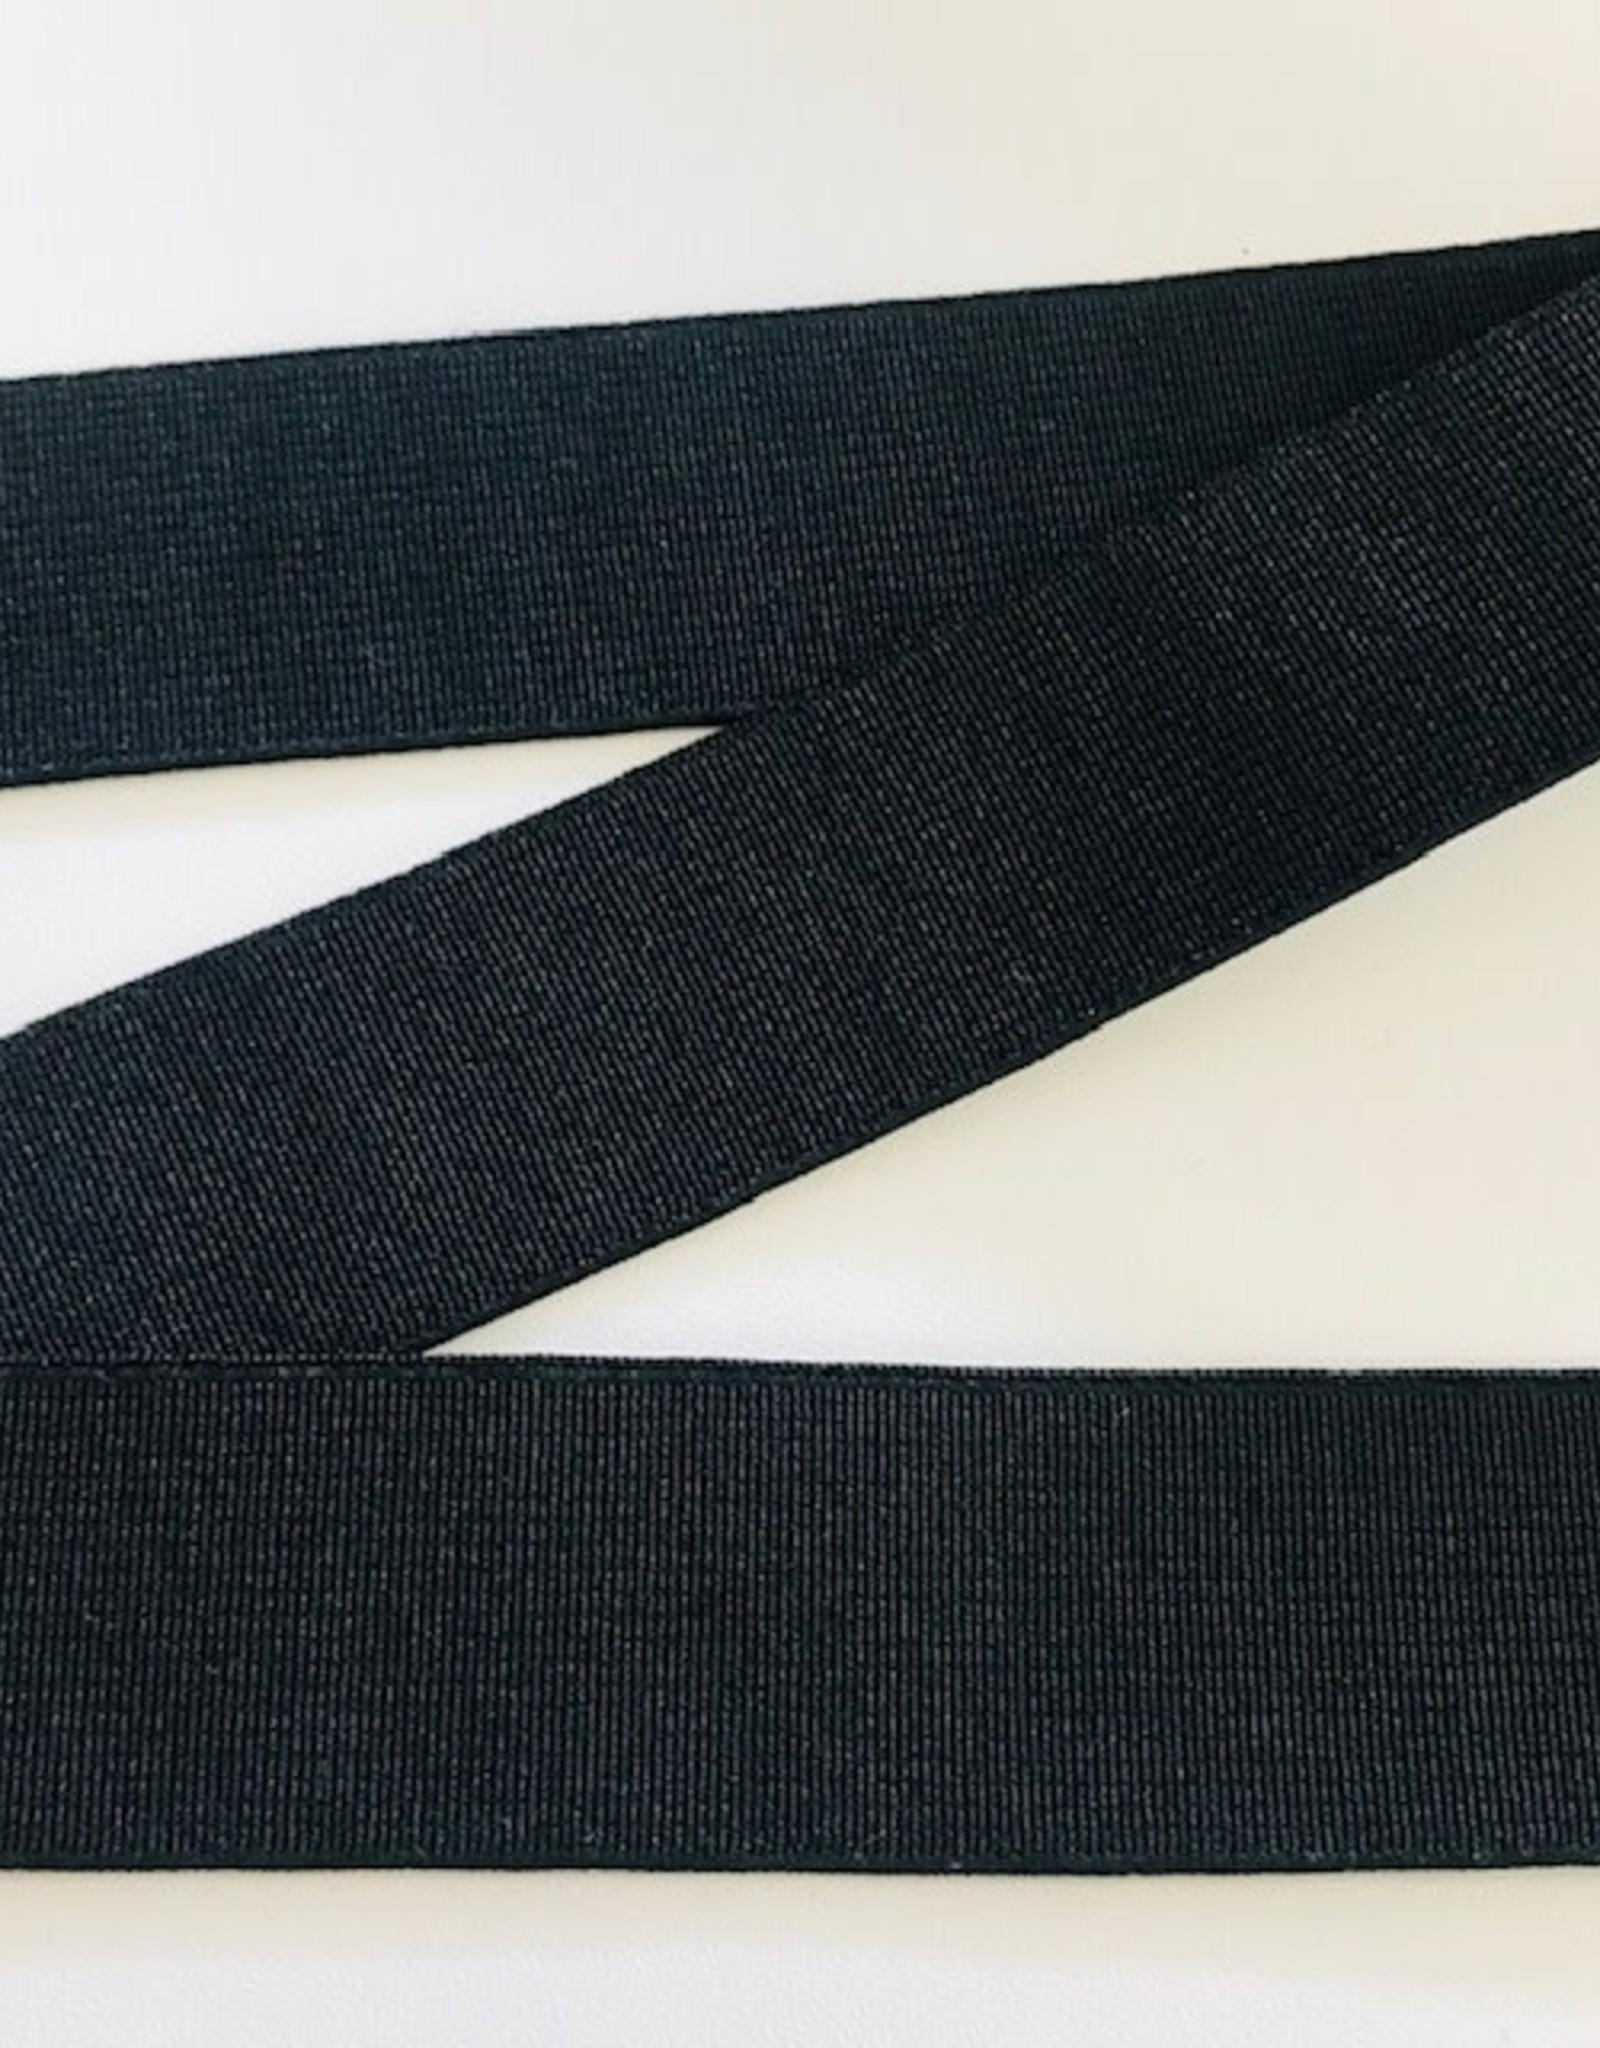 GEWEVEN ELASTIEK zacht 30mm zwart